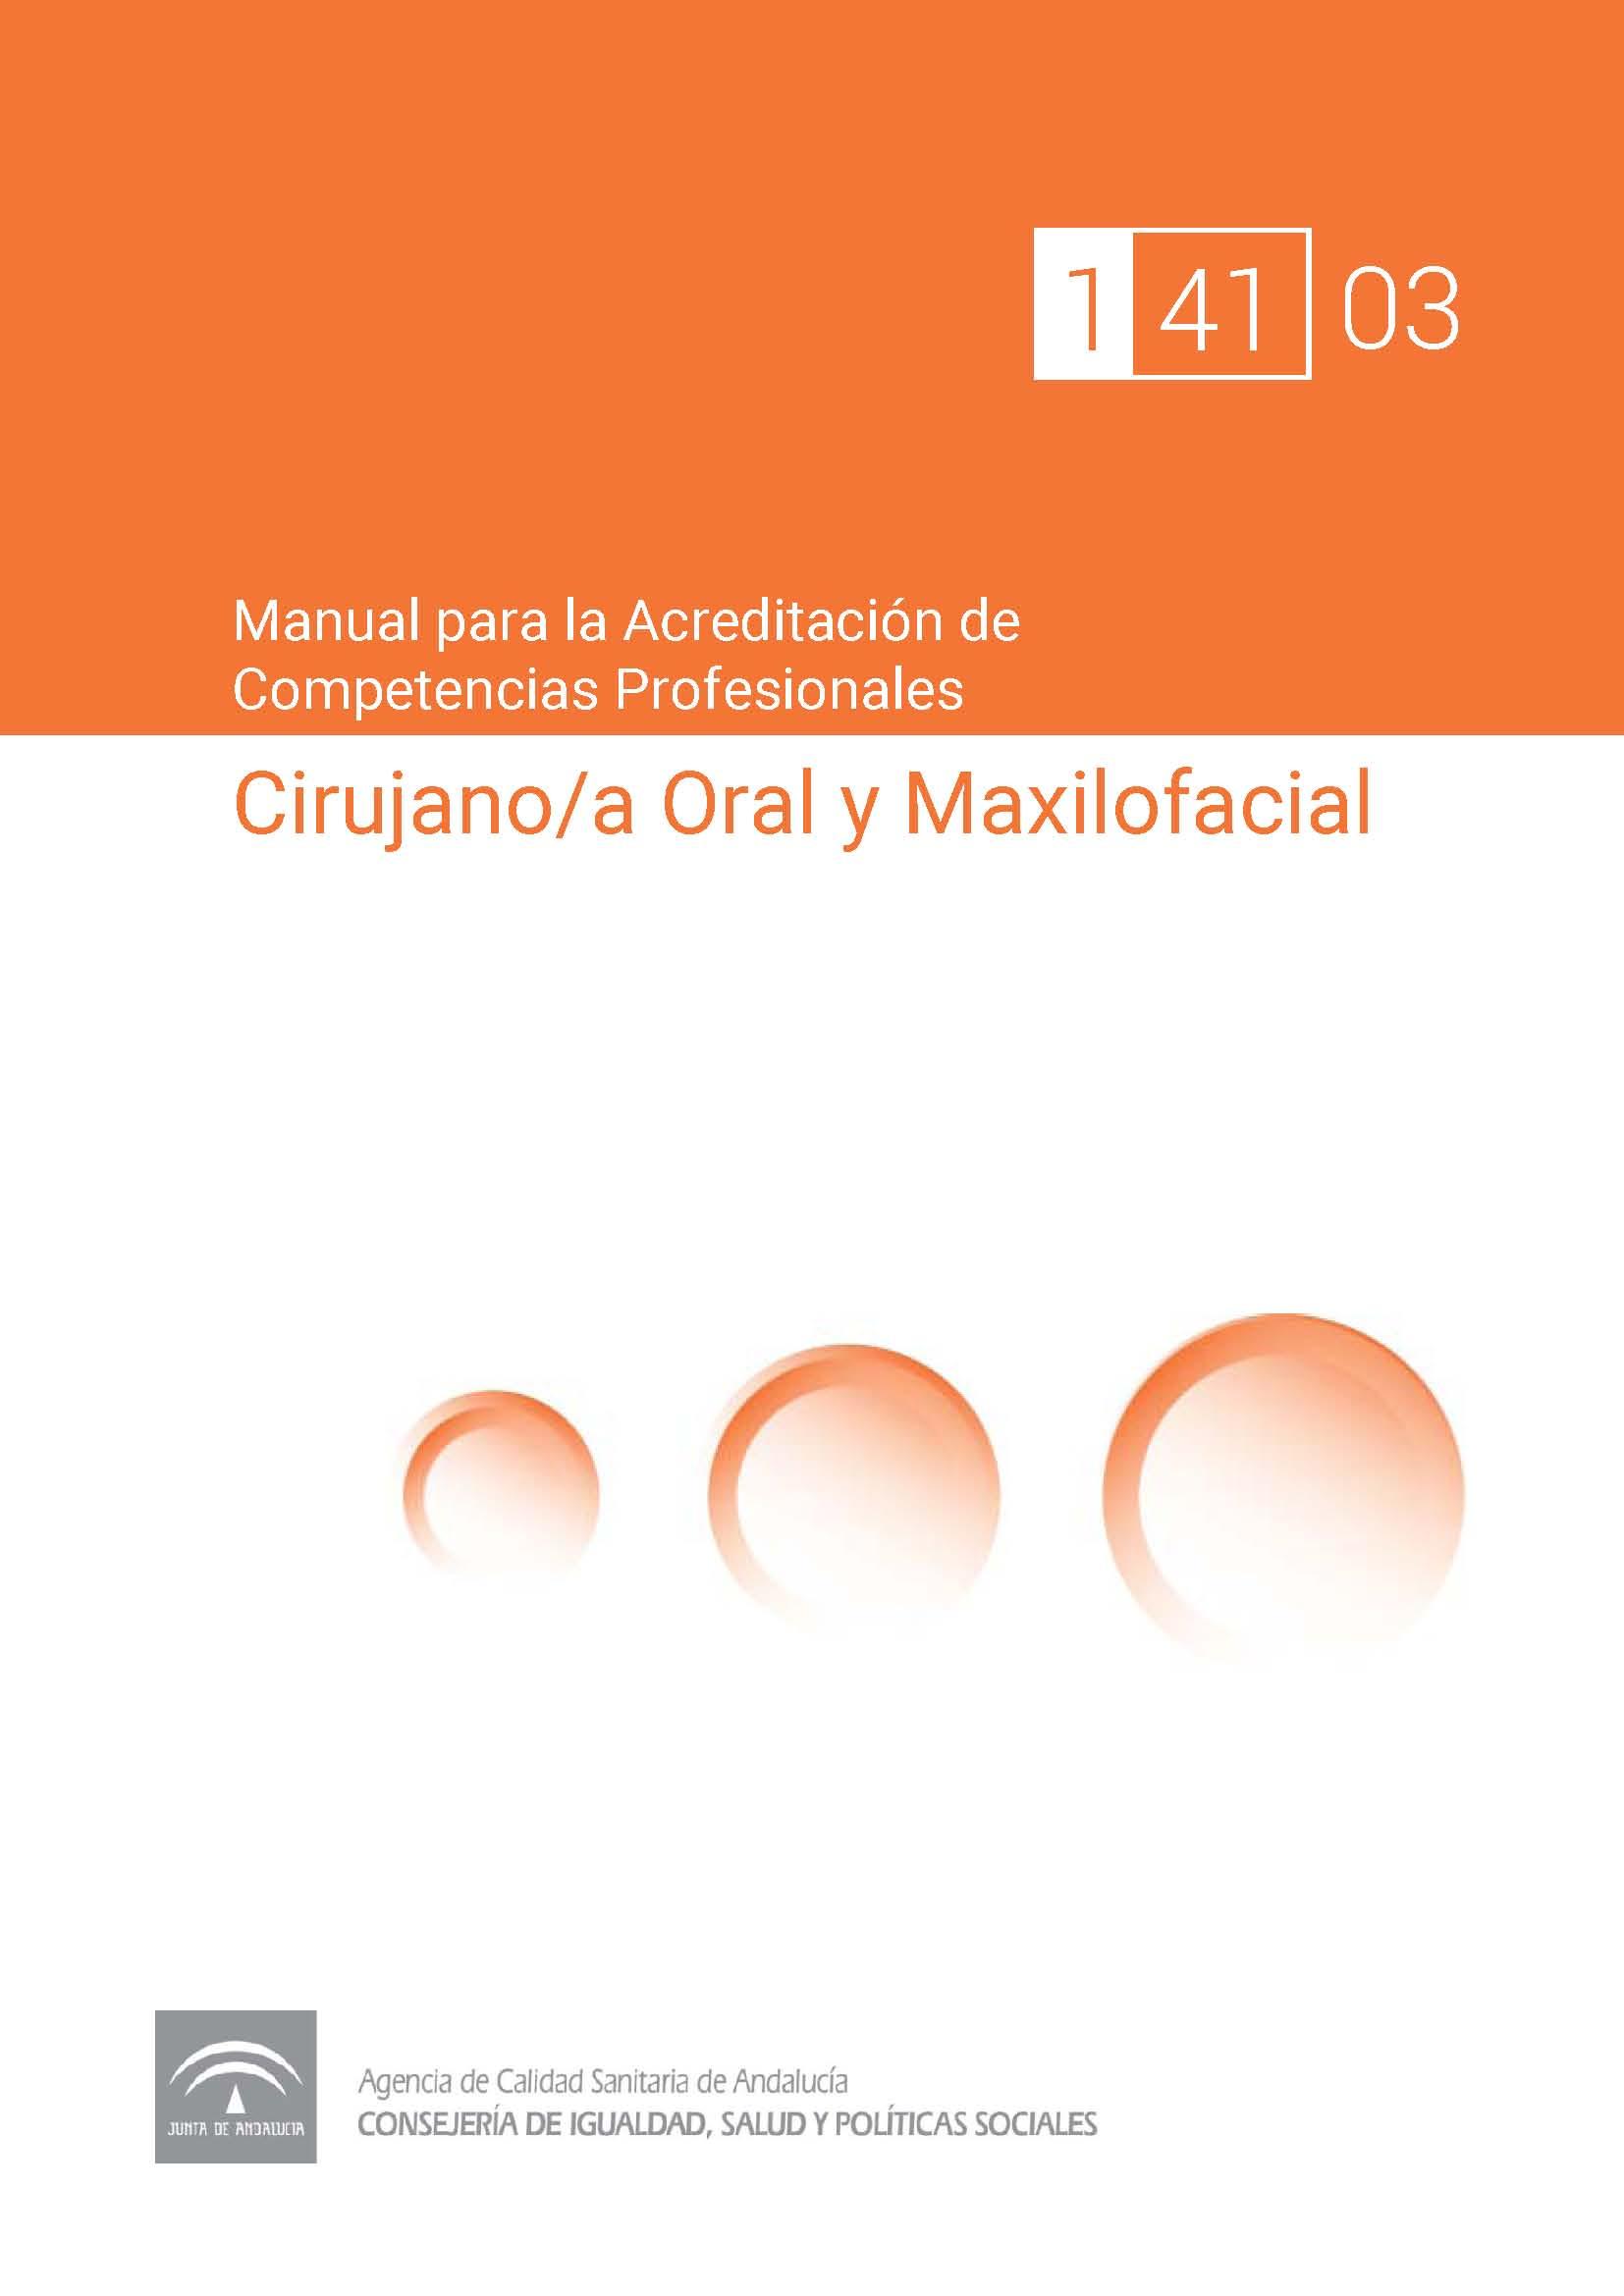 Manual de competencias profesionales del/de la Cirujano/a Oral y Maxilofacial